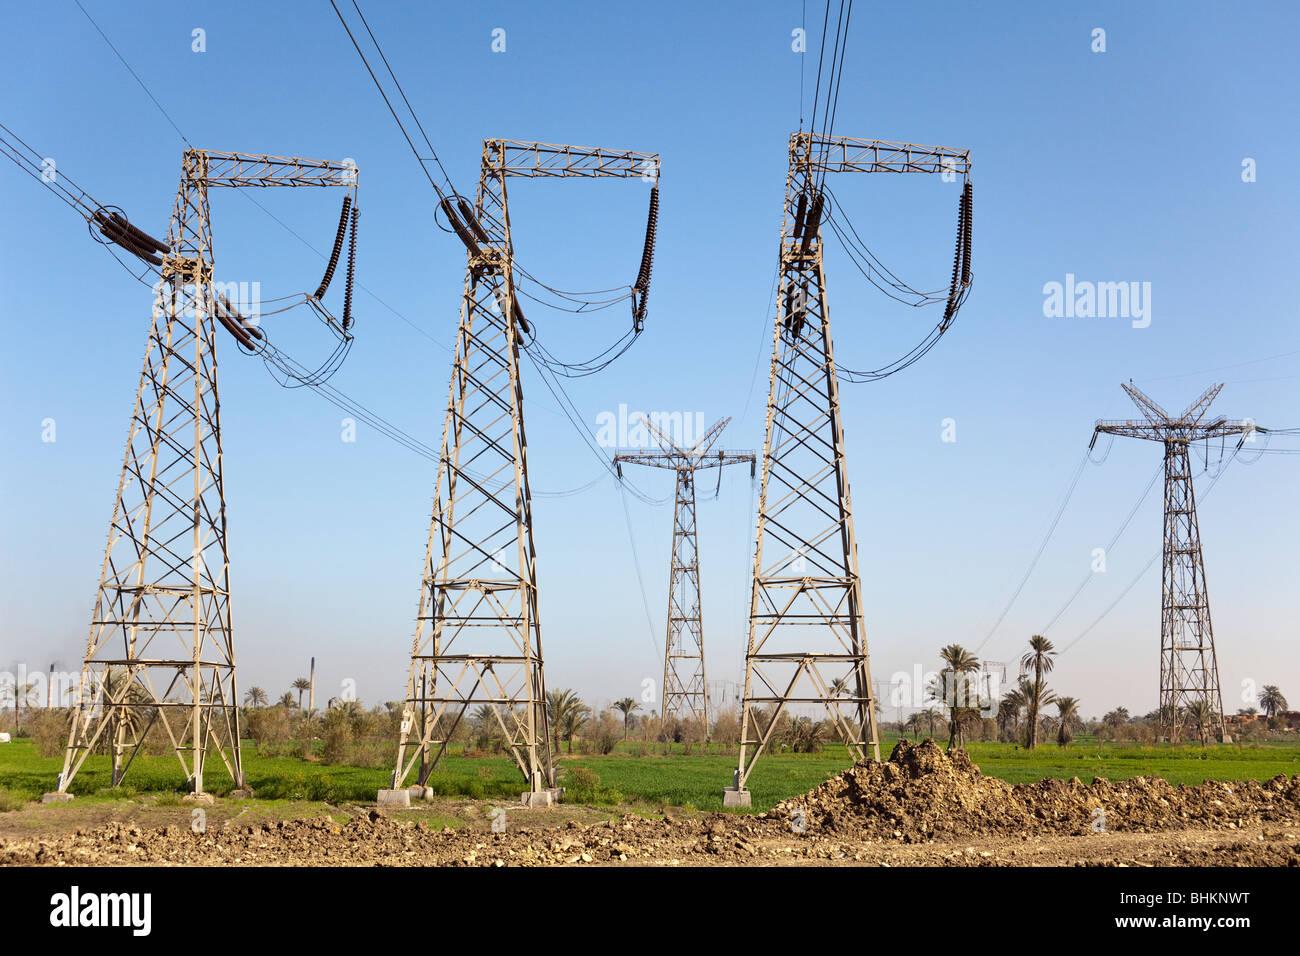 Power Supply Strommasten, Bahnasa, Ägypten Stockbild